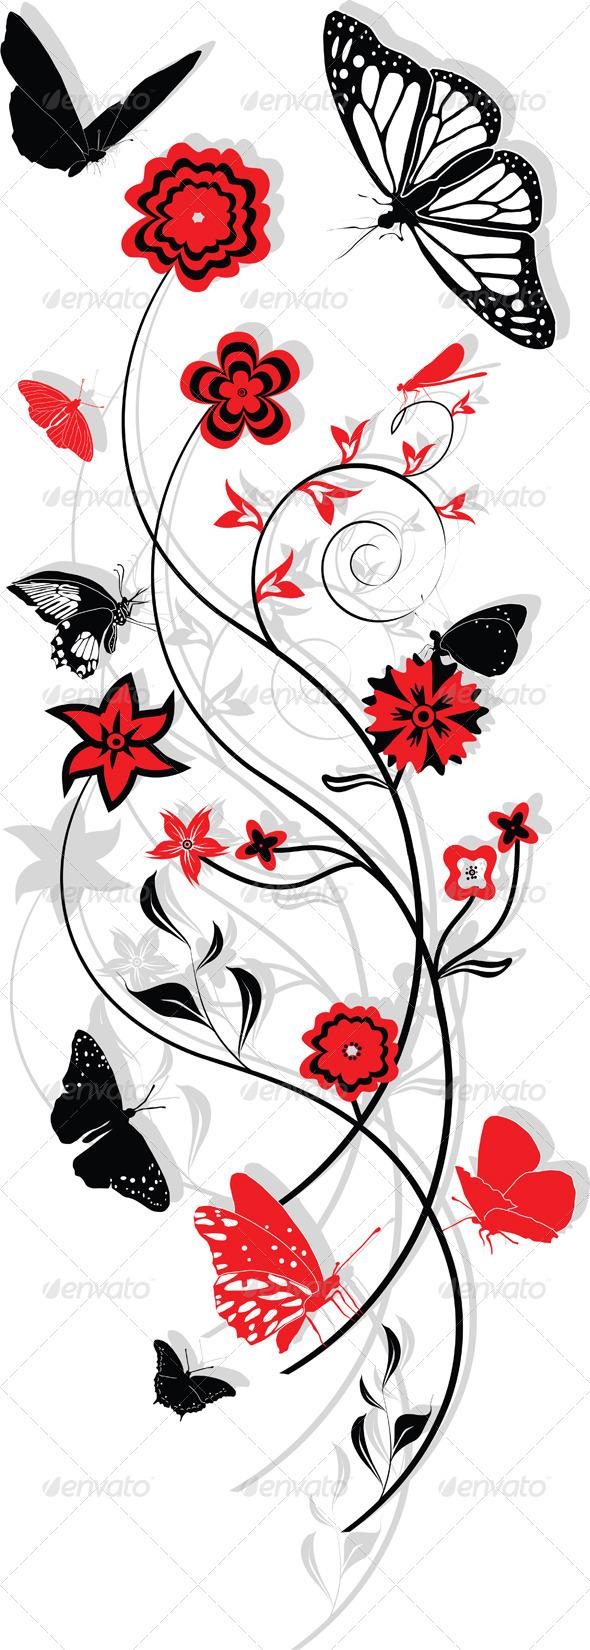 GraphicRiver Floral Ornament 3983983